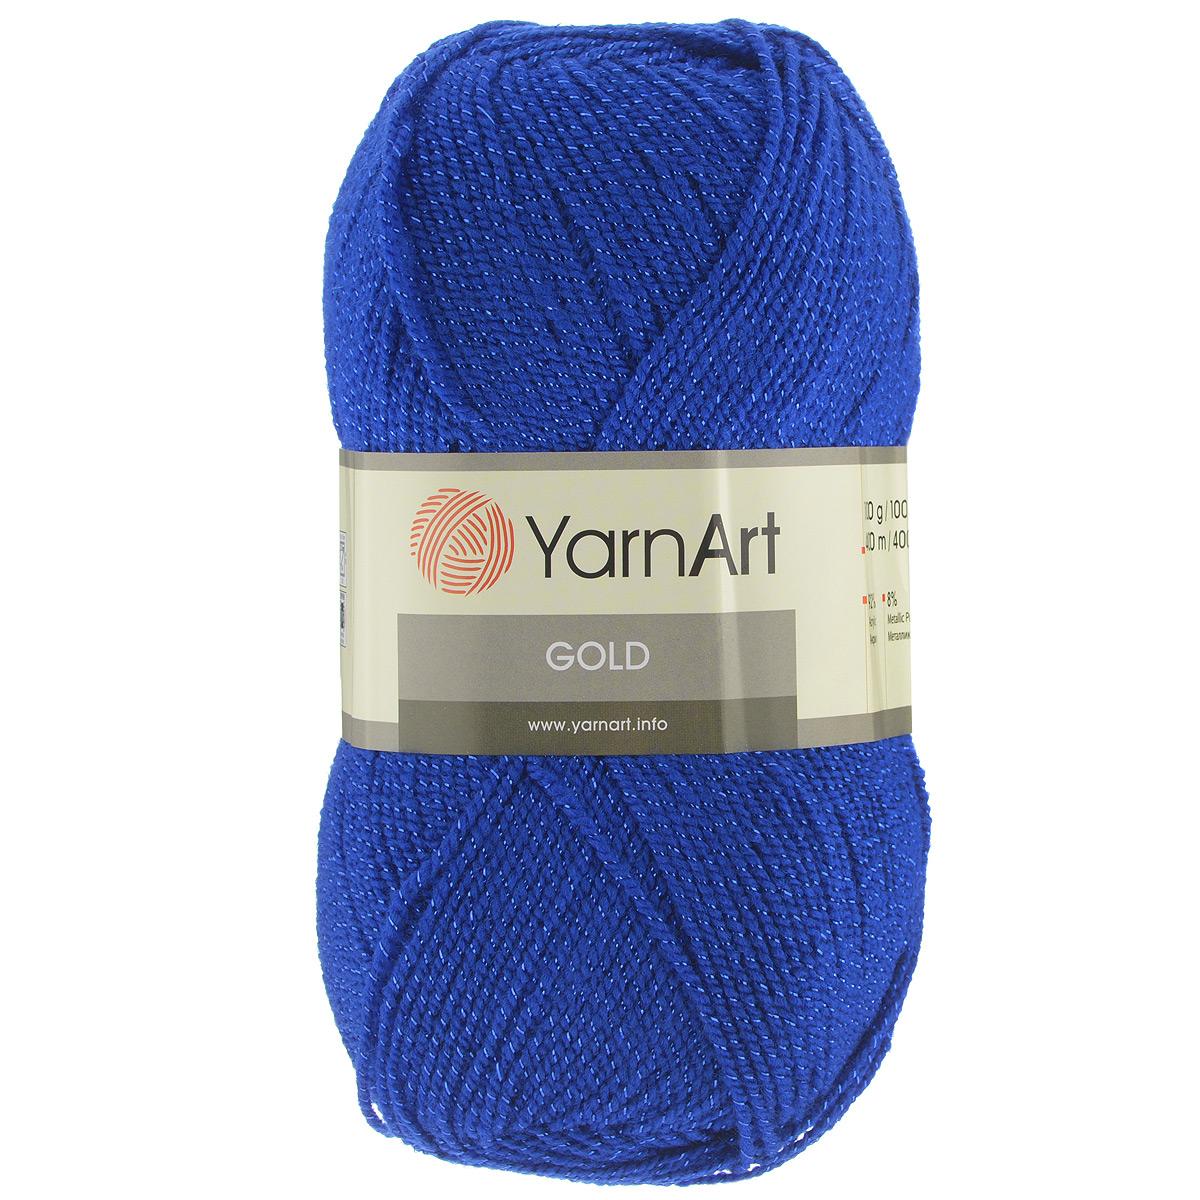 Пряжа для вязания YarnArt Gold, цвет: синий (9045), 400 м, 100 г, 5 шт372007_9045Мерцающая нитка с люрексом для вязания YarnArt Gold равномерно окрашена с помощью стойких высококачественных красителей, нить плотно скручена, люрекс не выбивается в процессе вязания, петли ложатся равномерно. YarnArt Gold - декоративная пряжа с широкой цветовой палитрой, предназначенная для демисезонной одежды. Акрил защищает готовое изделие от деформации после стирки и сушки. Нить гибкая и эластичная, хорошо тянется, превосходно сохраняет форму после носки. Изысканная пряжа для создания вечерних нарядов выглядит дорого и стильно. Рекомендуется для вязания на спицах 2,75 мм и крючках 3,25 мм. Состав: 92% акрил, 8% метанит.